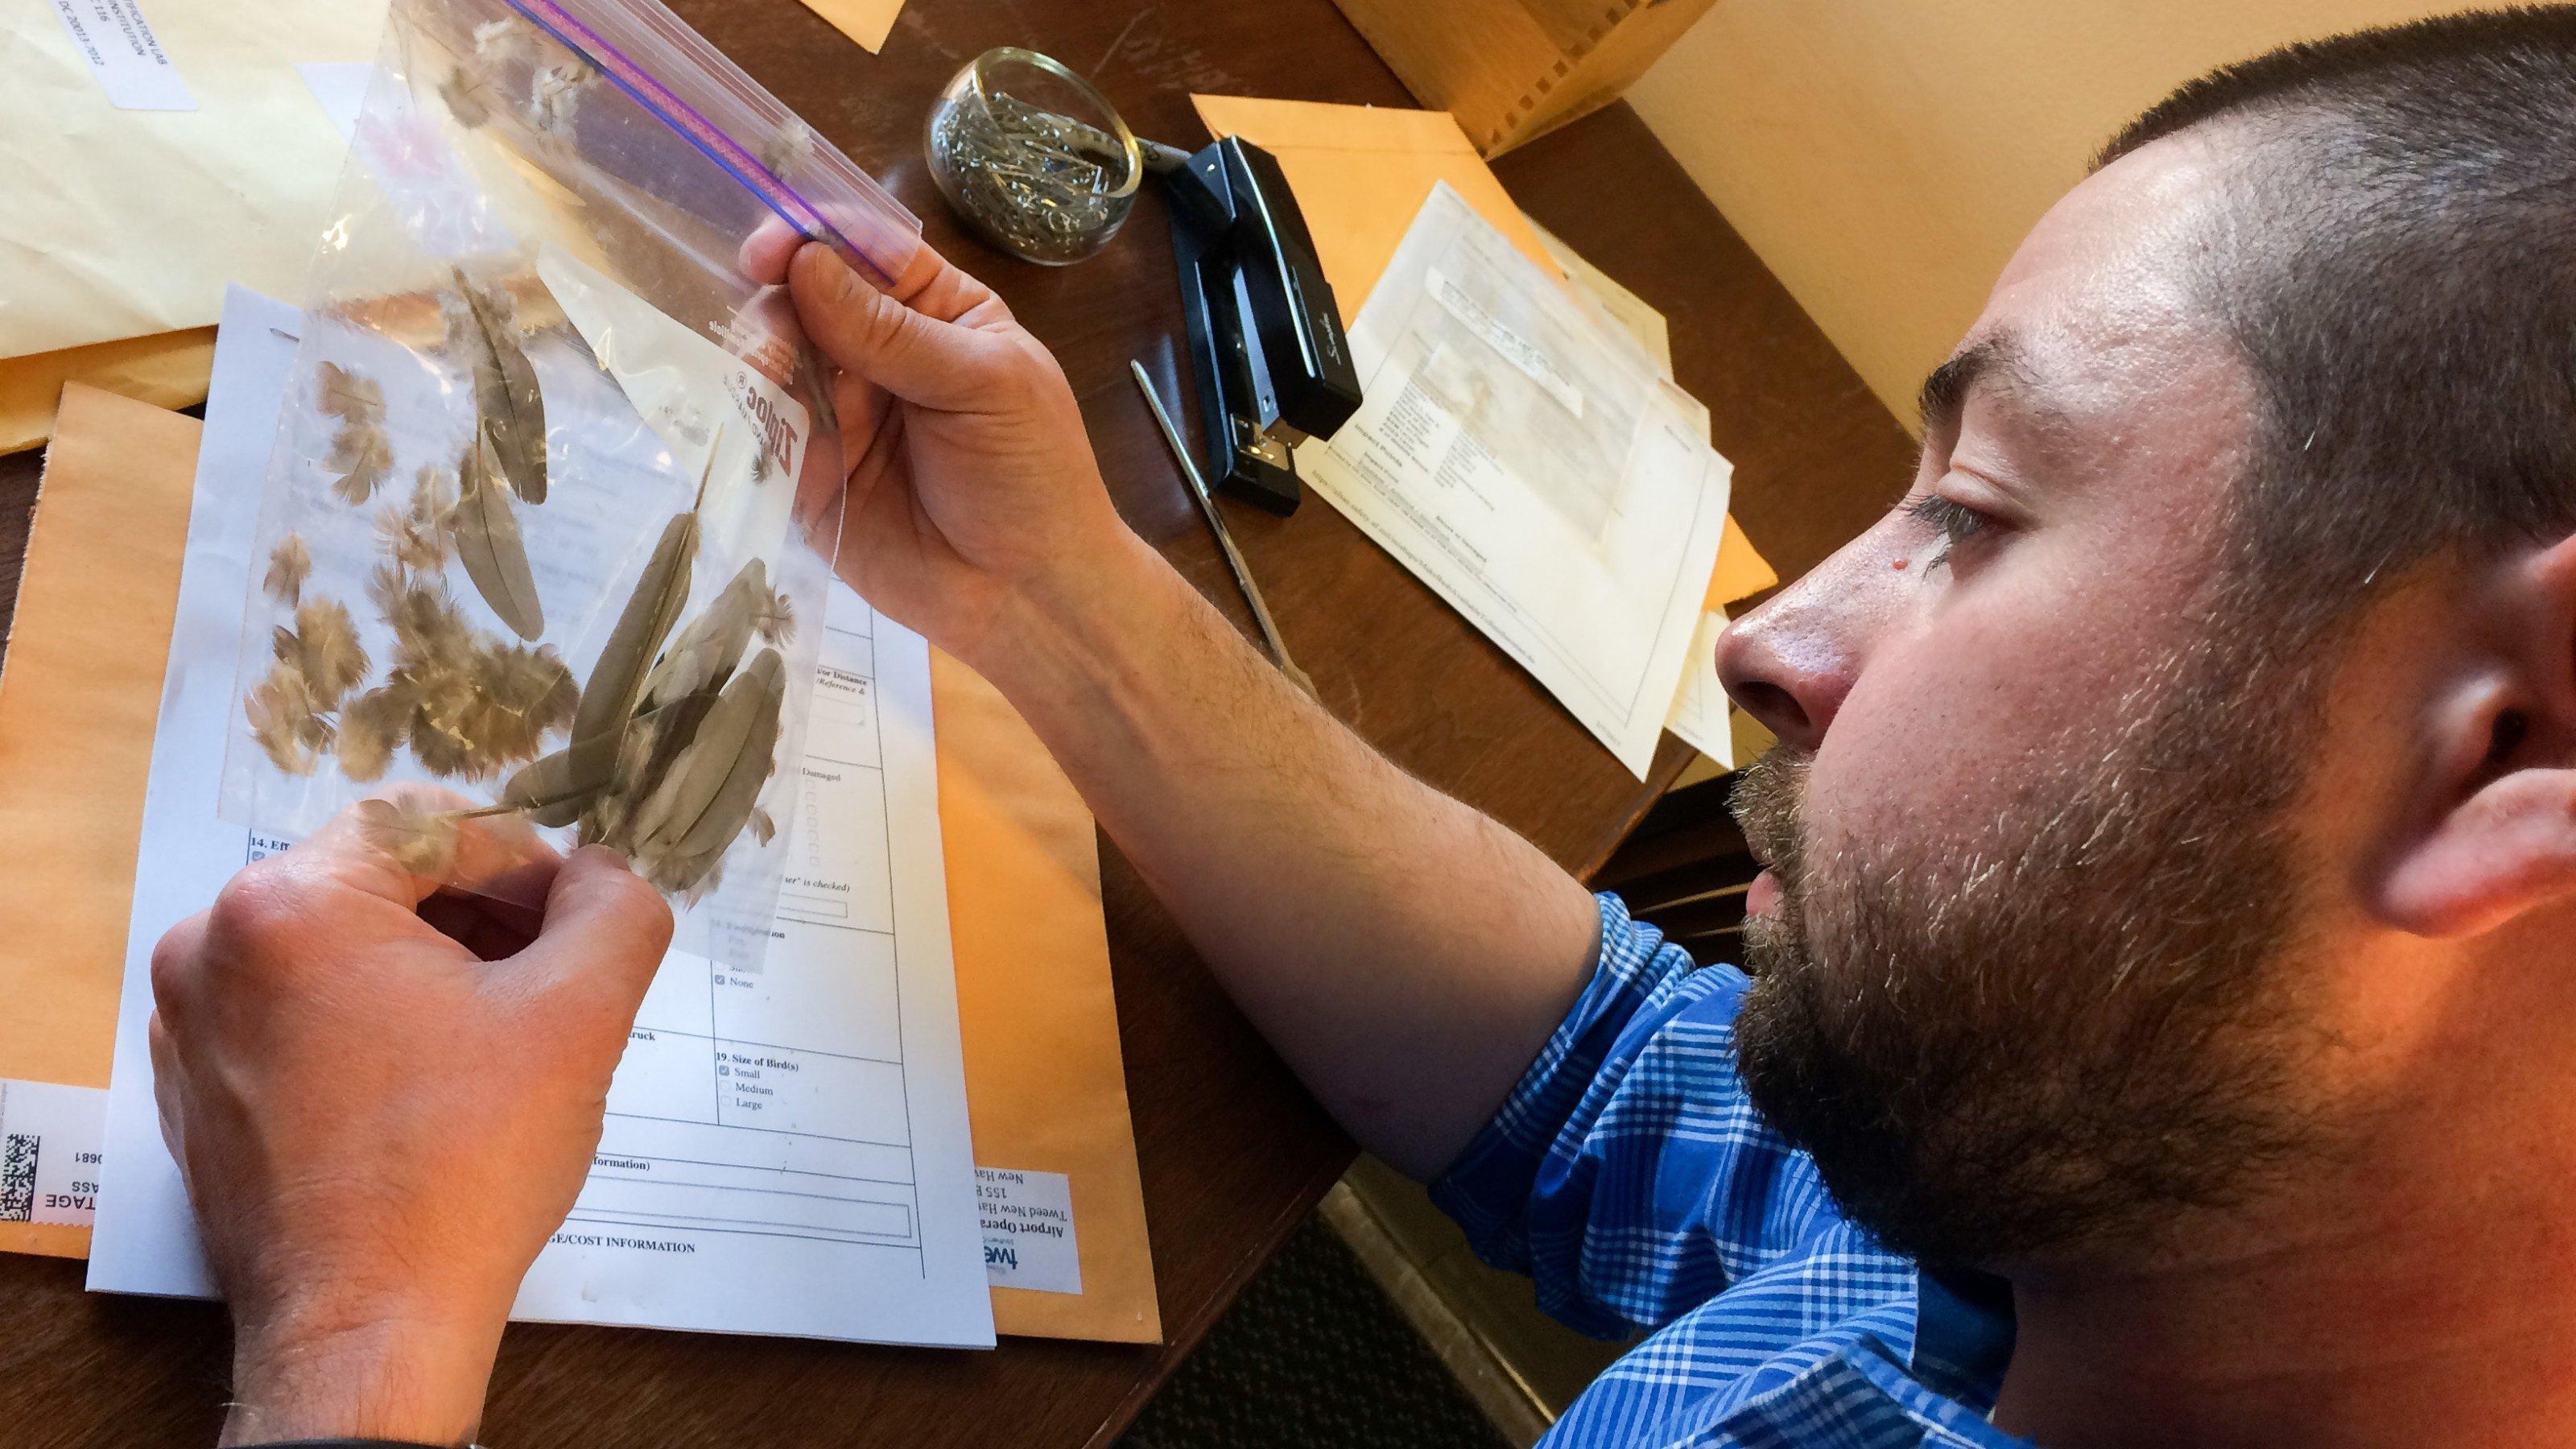 Jim Whatton betrachtet einen Plastikbeutel mit Federn. Die größten sind grau, kleinere braun und rosa.